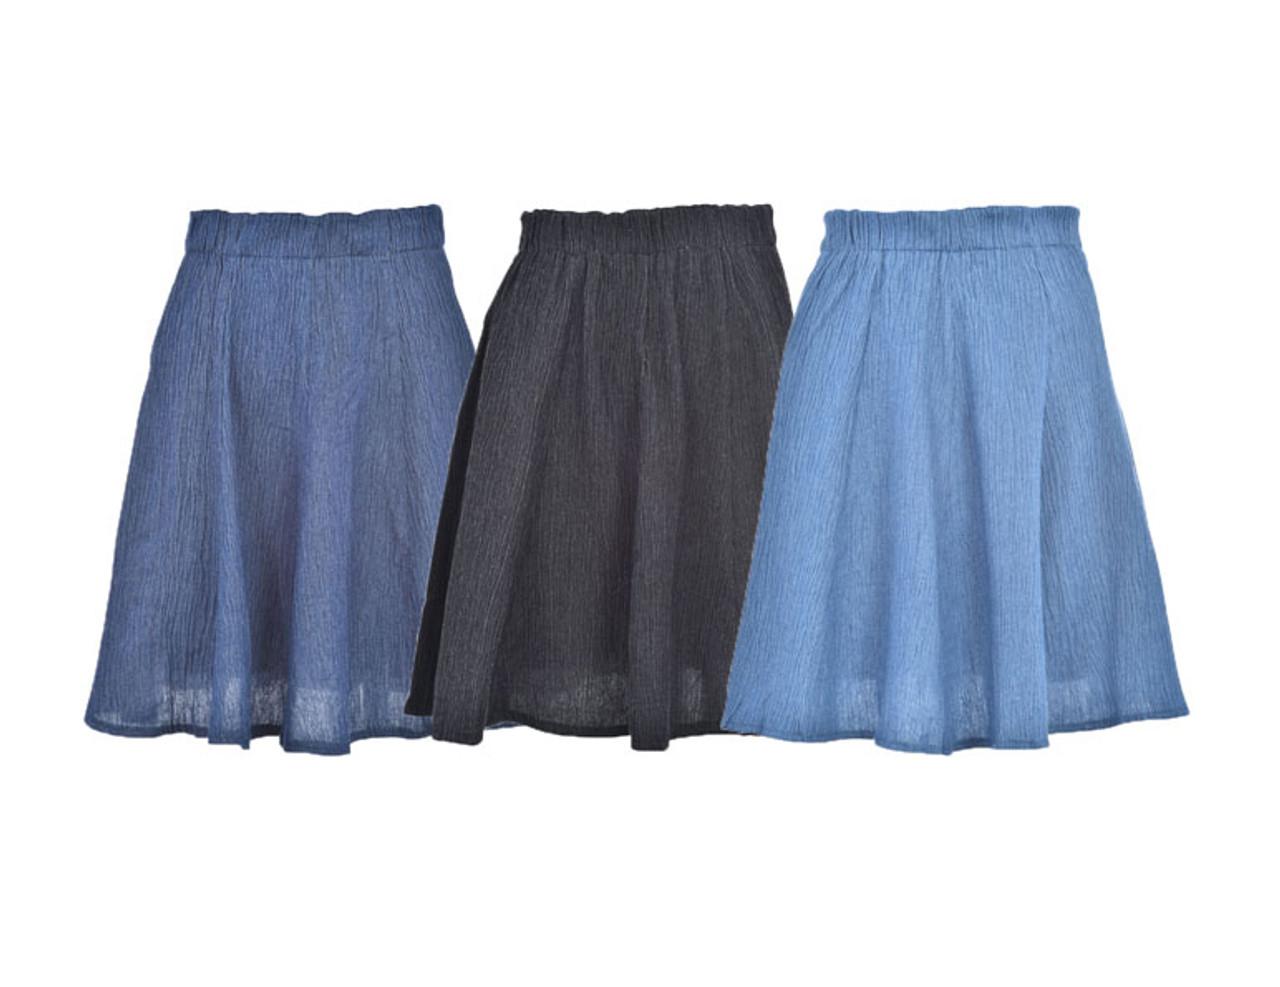 BGDK Girls Patterned Denim Skirt